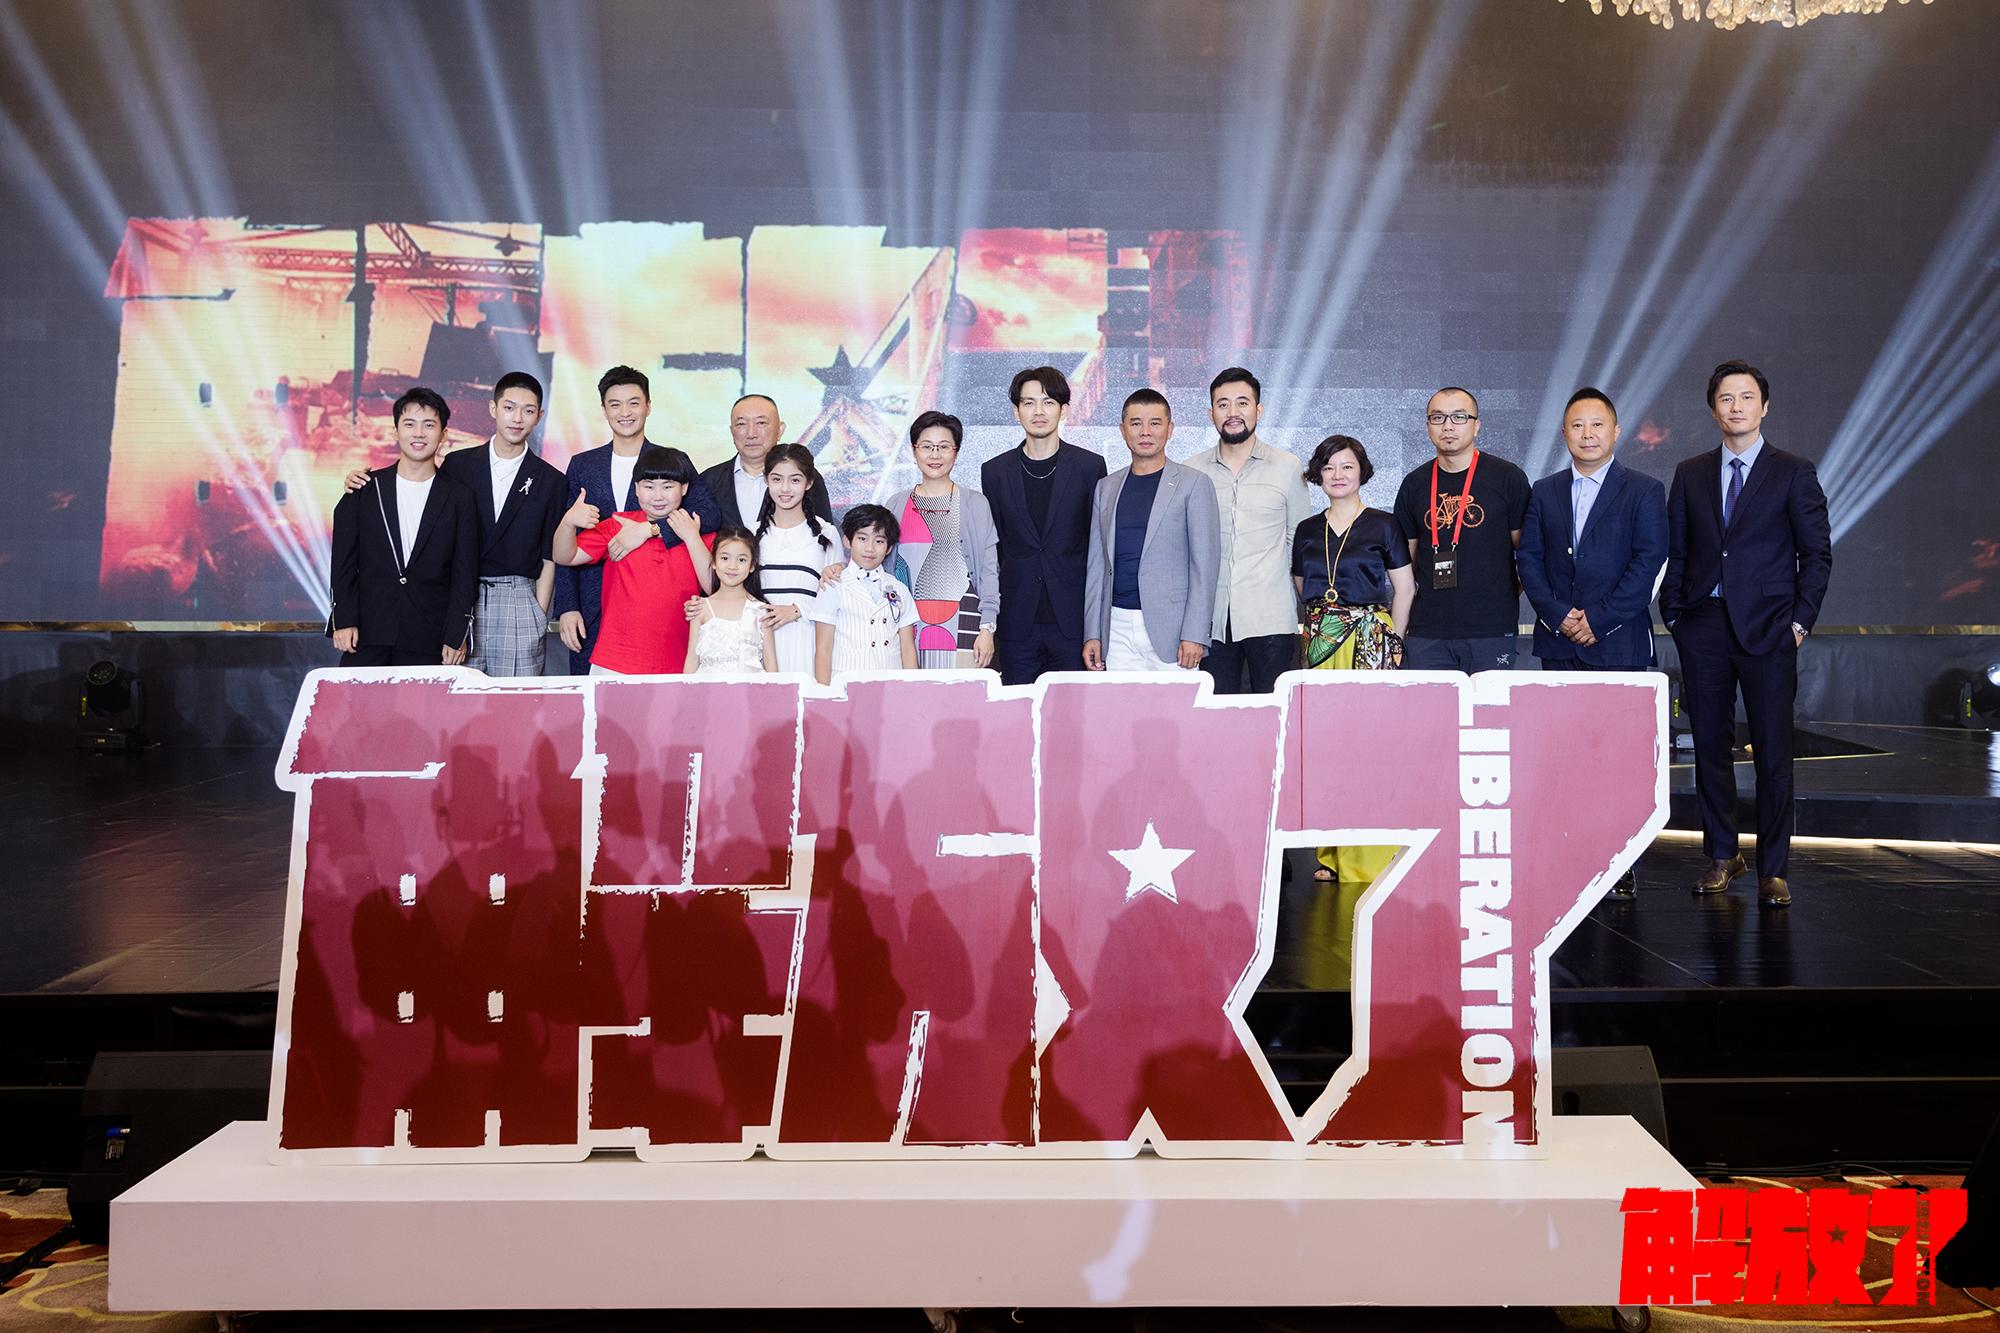 萬達影視《解放了》在上海舉辦發布會